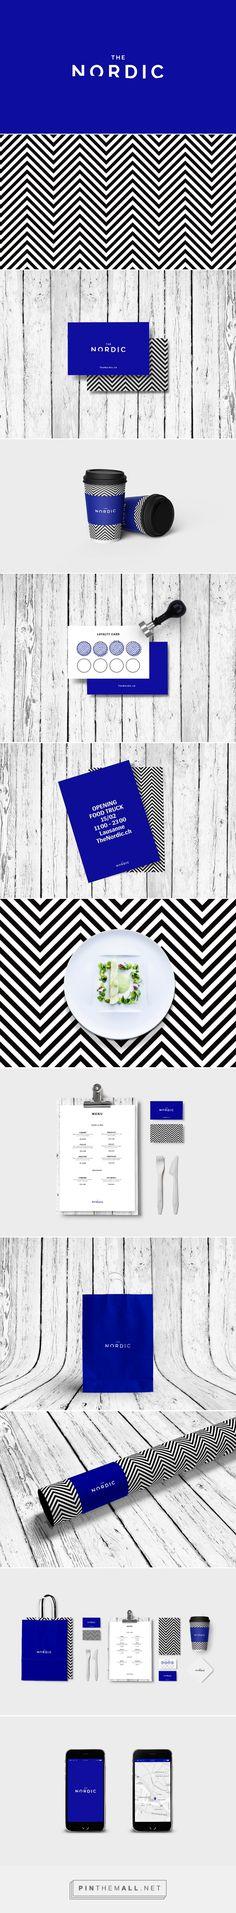 The Nordic Branding on Behance | Fivestar Branding – Design and Branding Agency & Inspiration Gallery